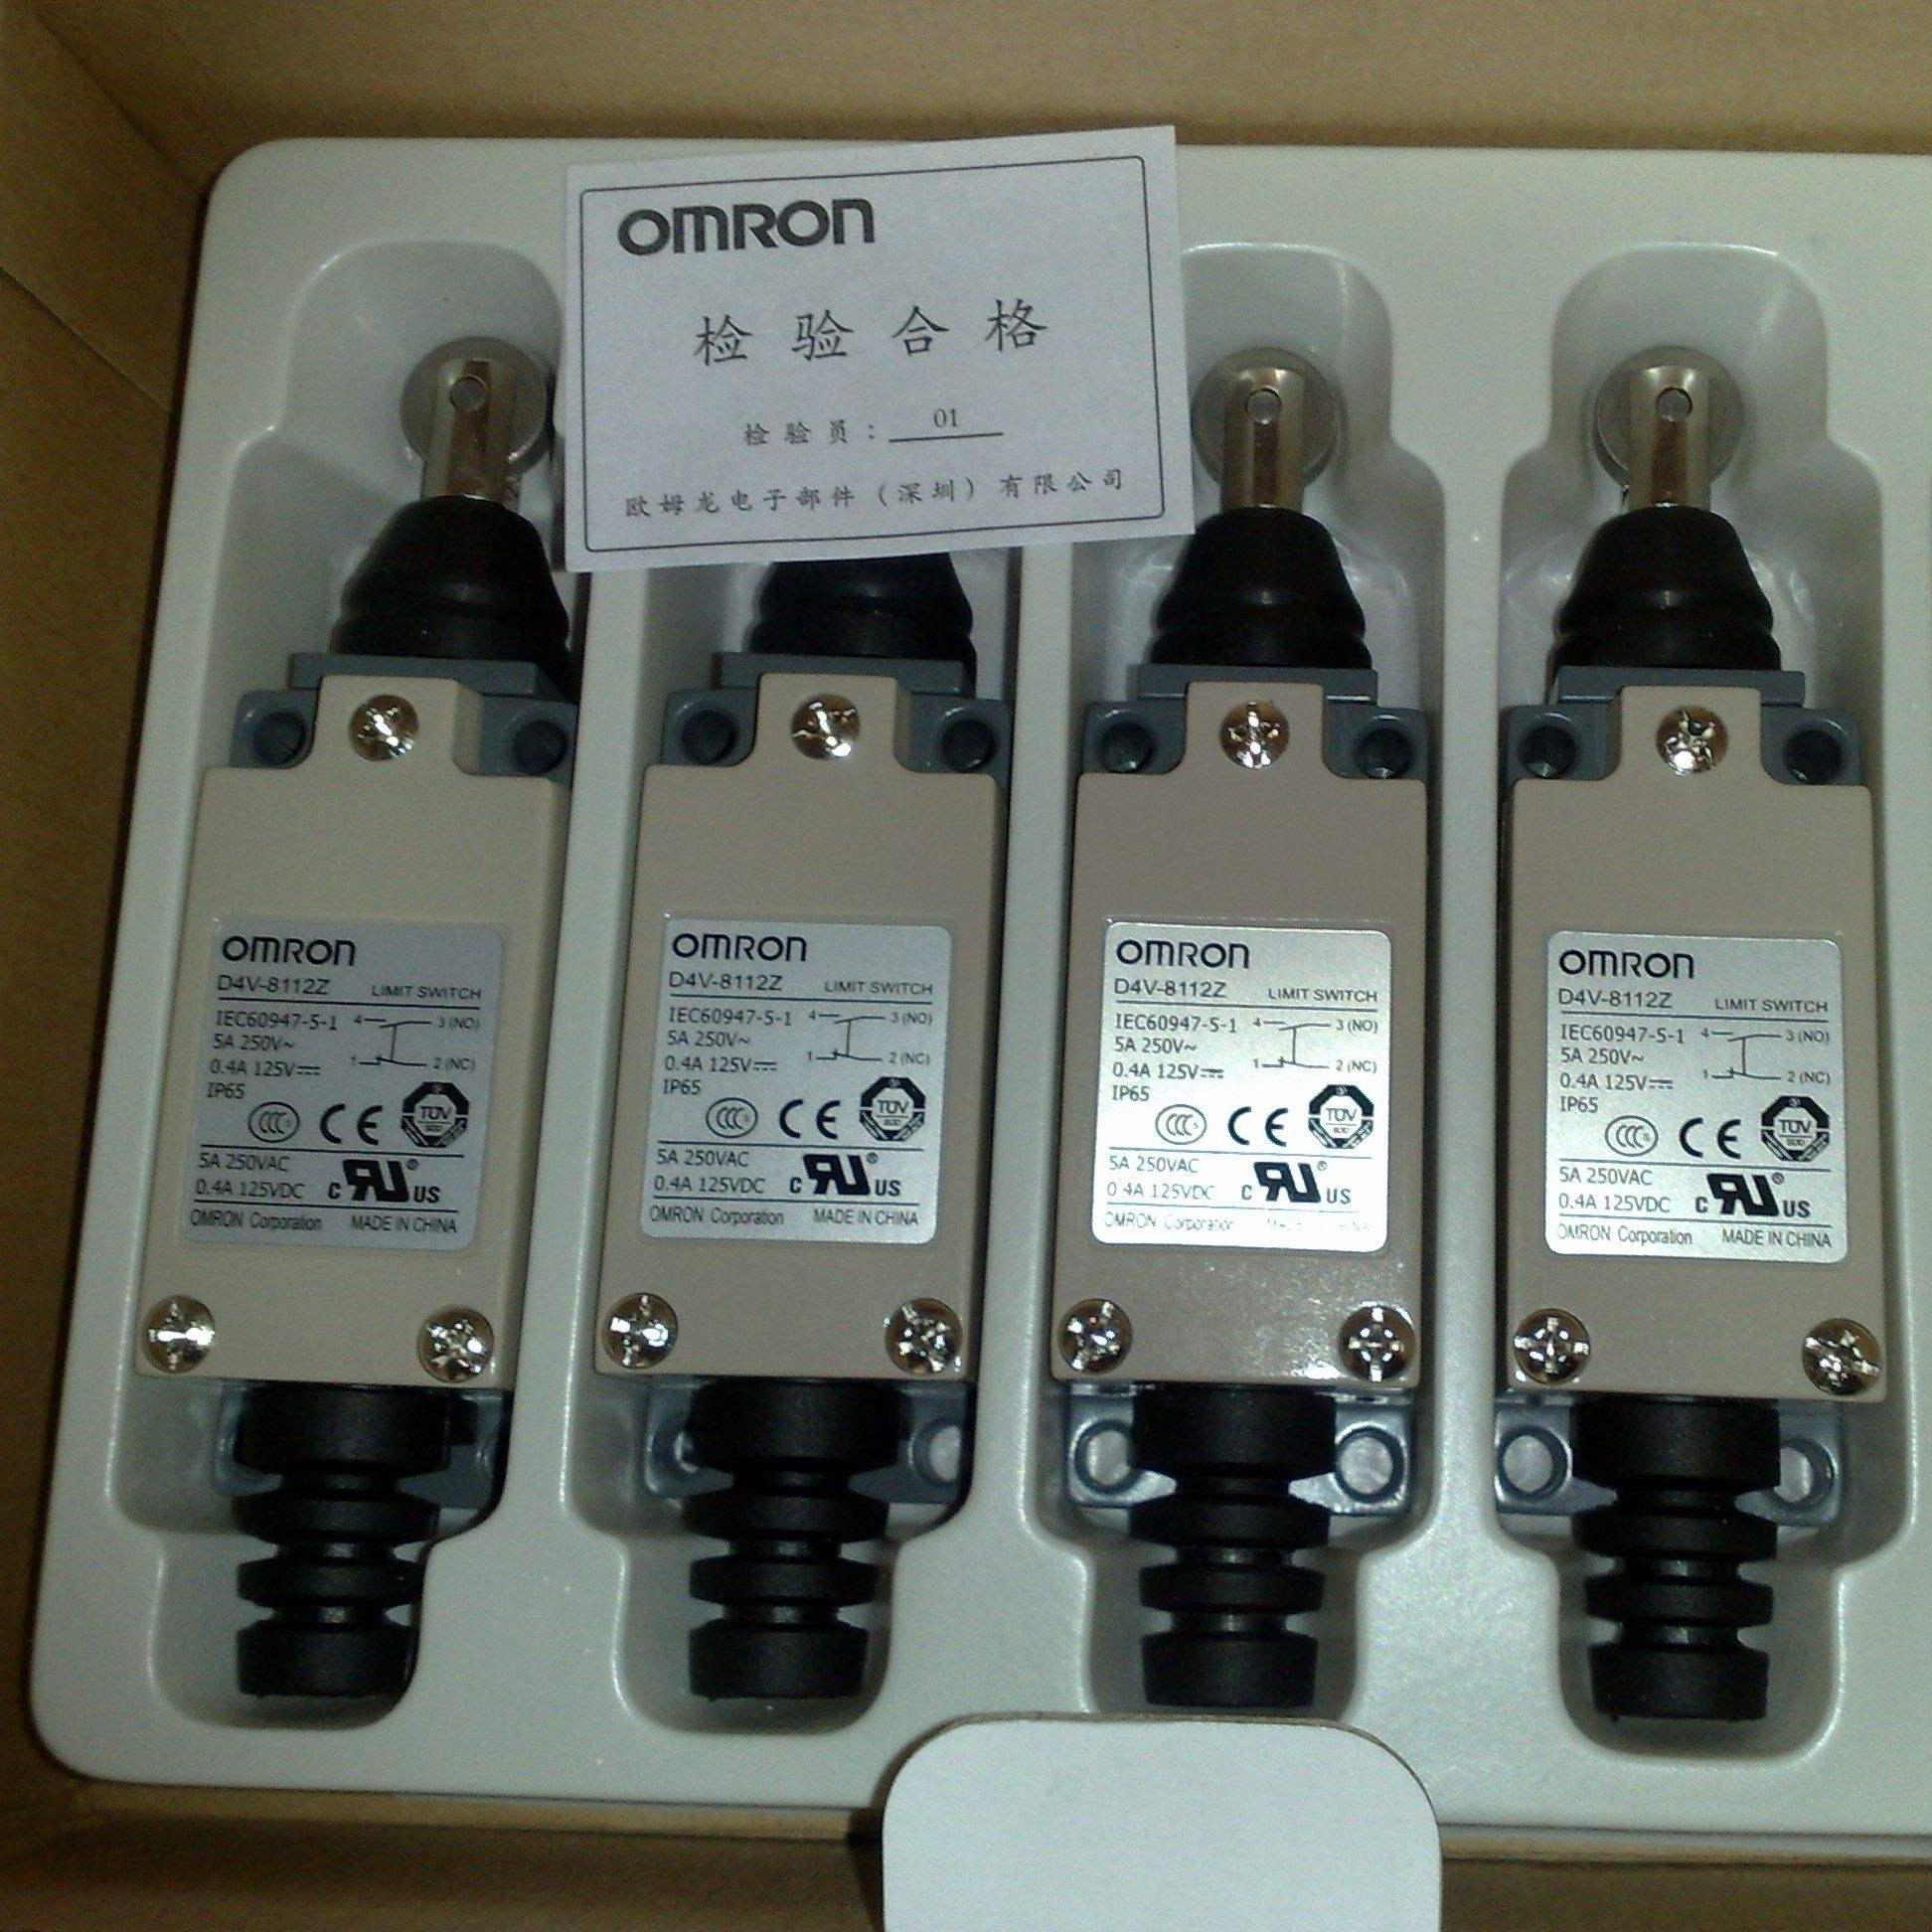 日本欧姆龙OMRON小型限位开关